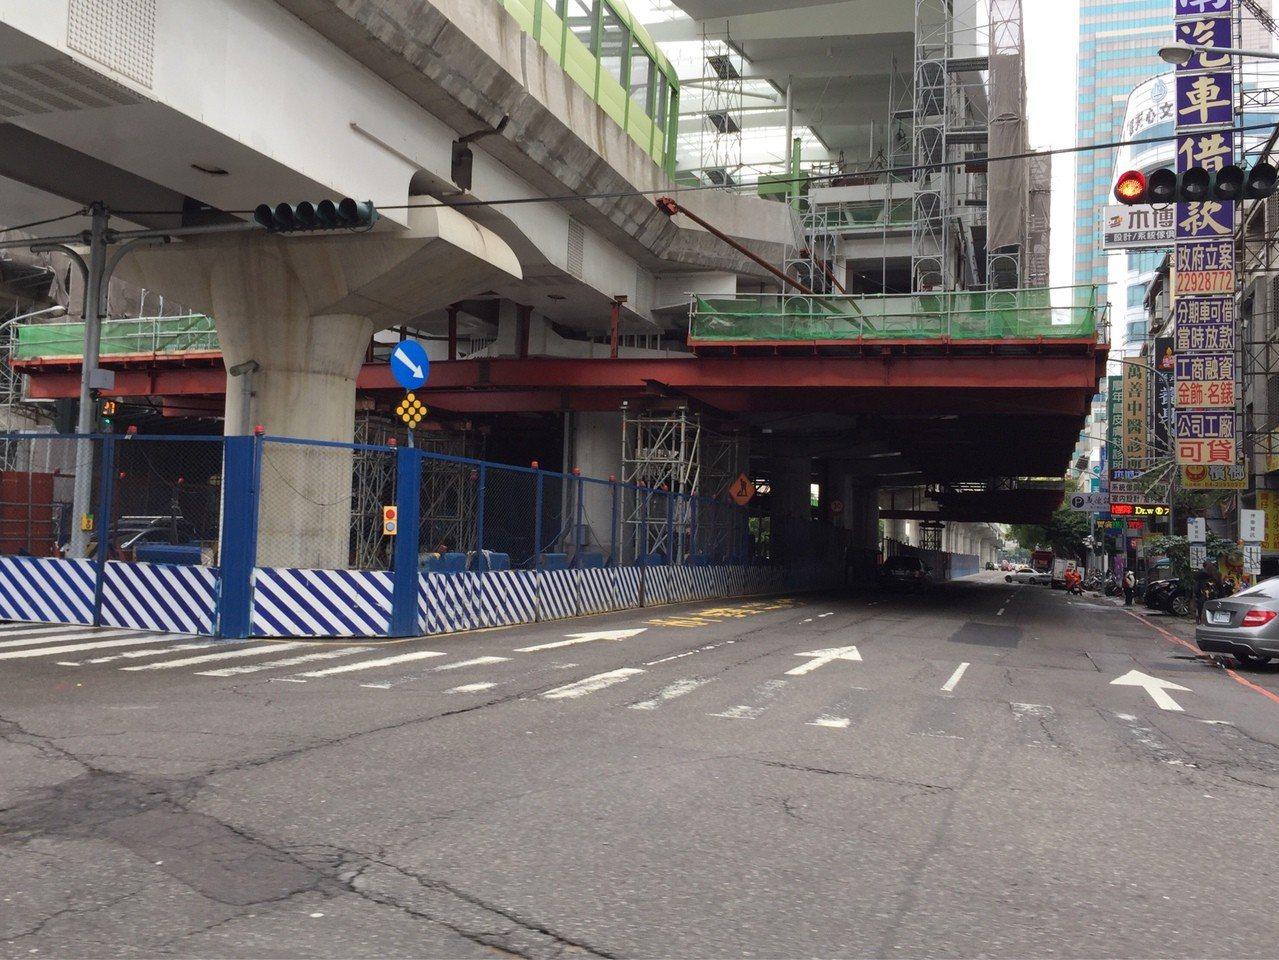 台中捷運綠線G7站  台慶不動產提供